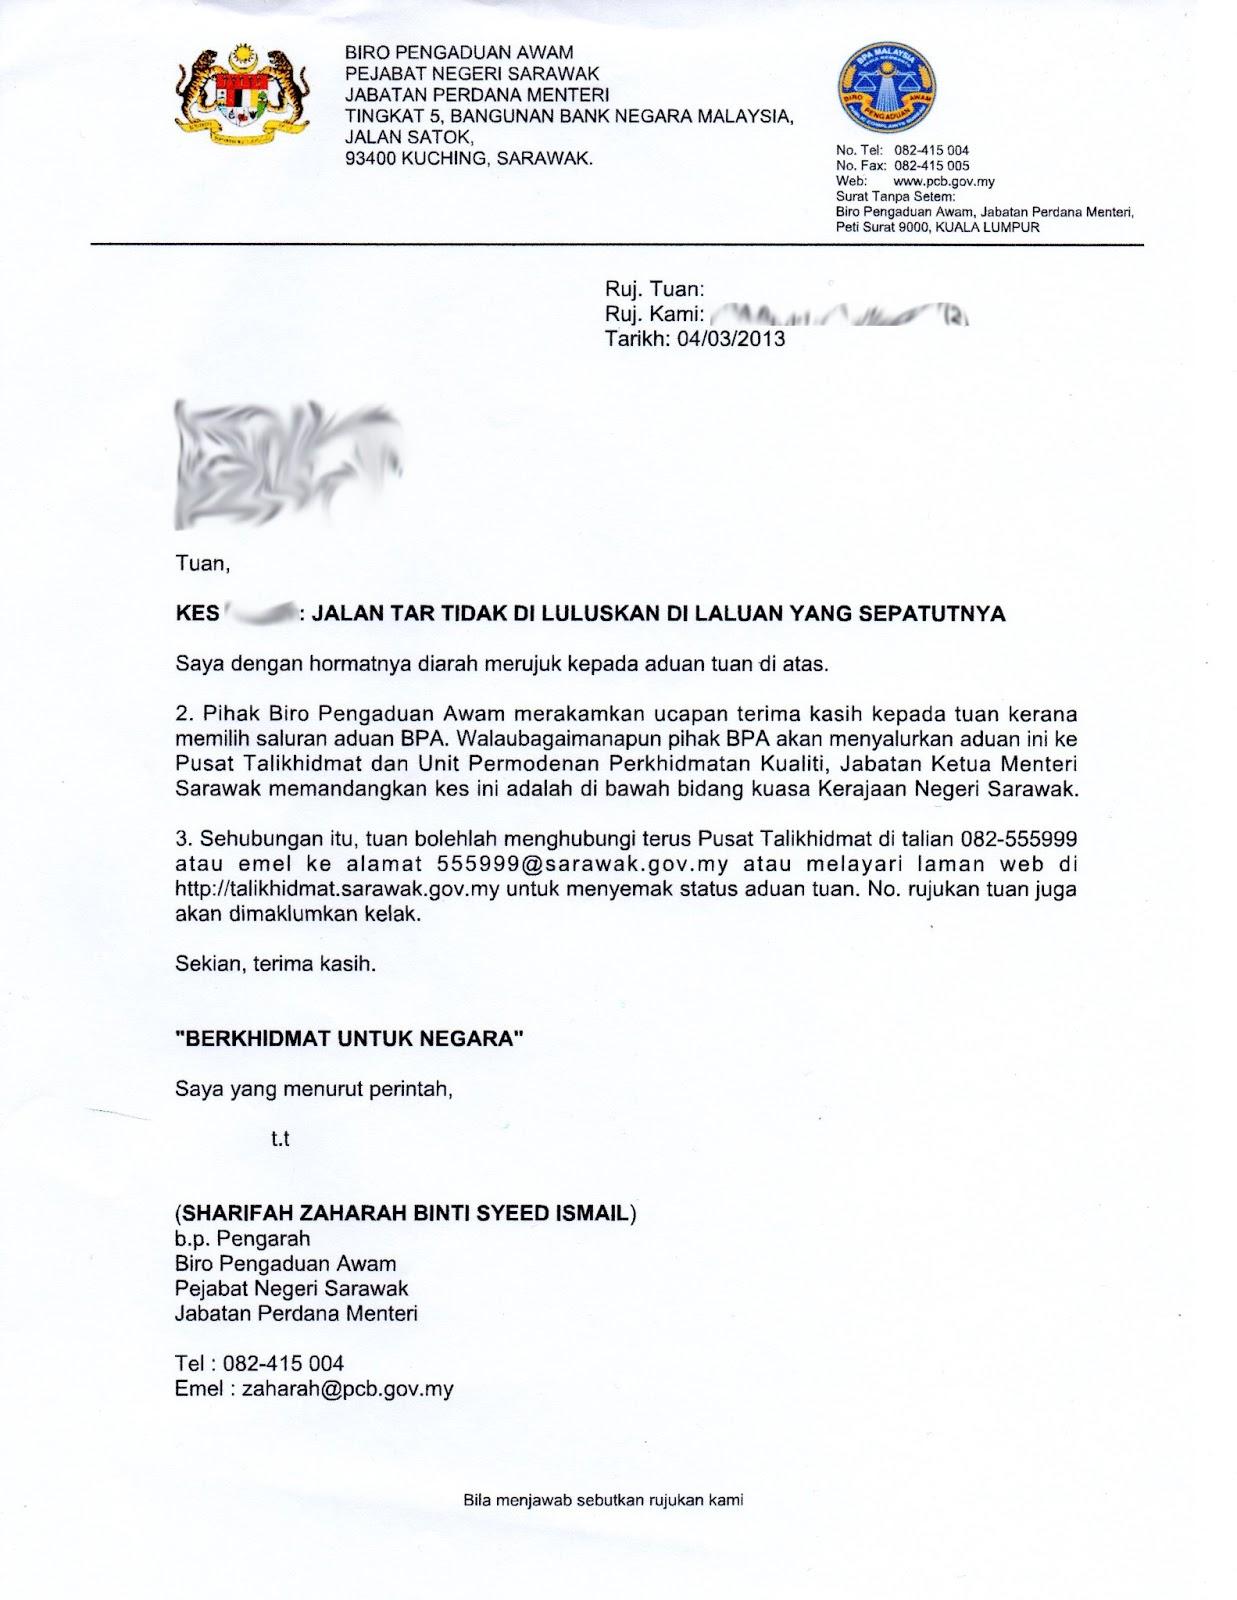 Contoh Surat Pengunduran Diri Haji Contoh Two